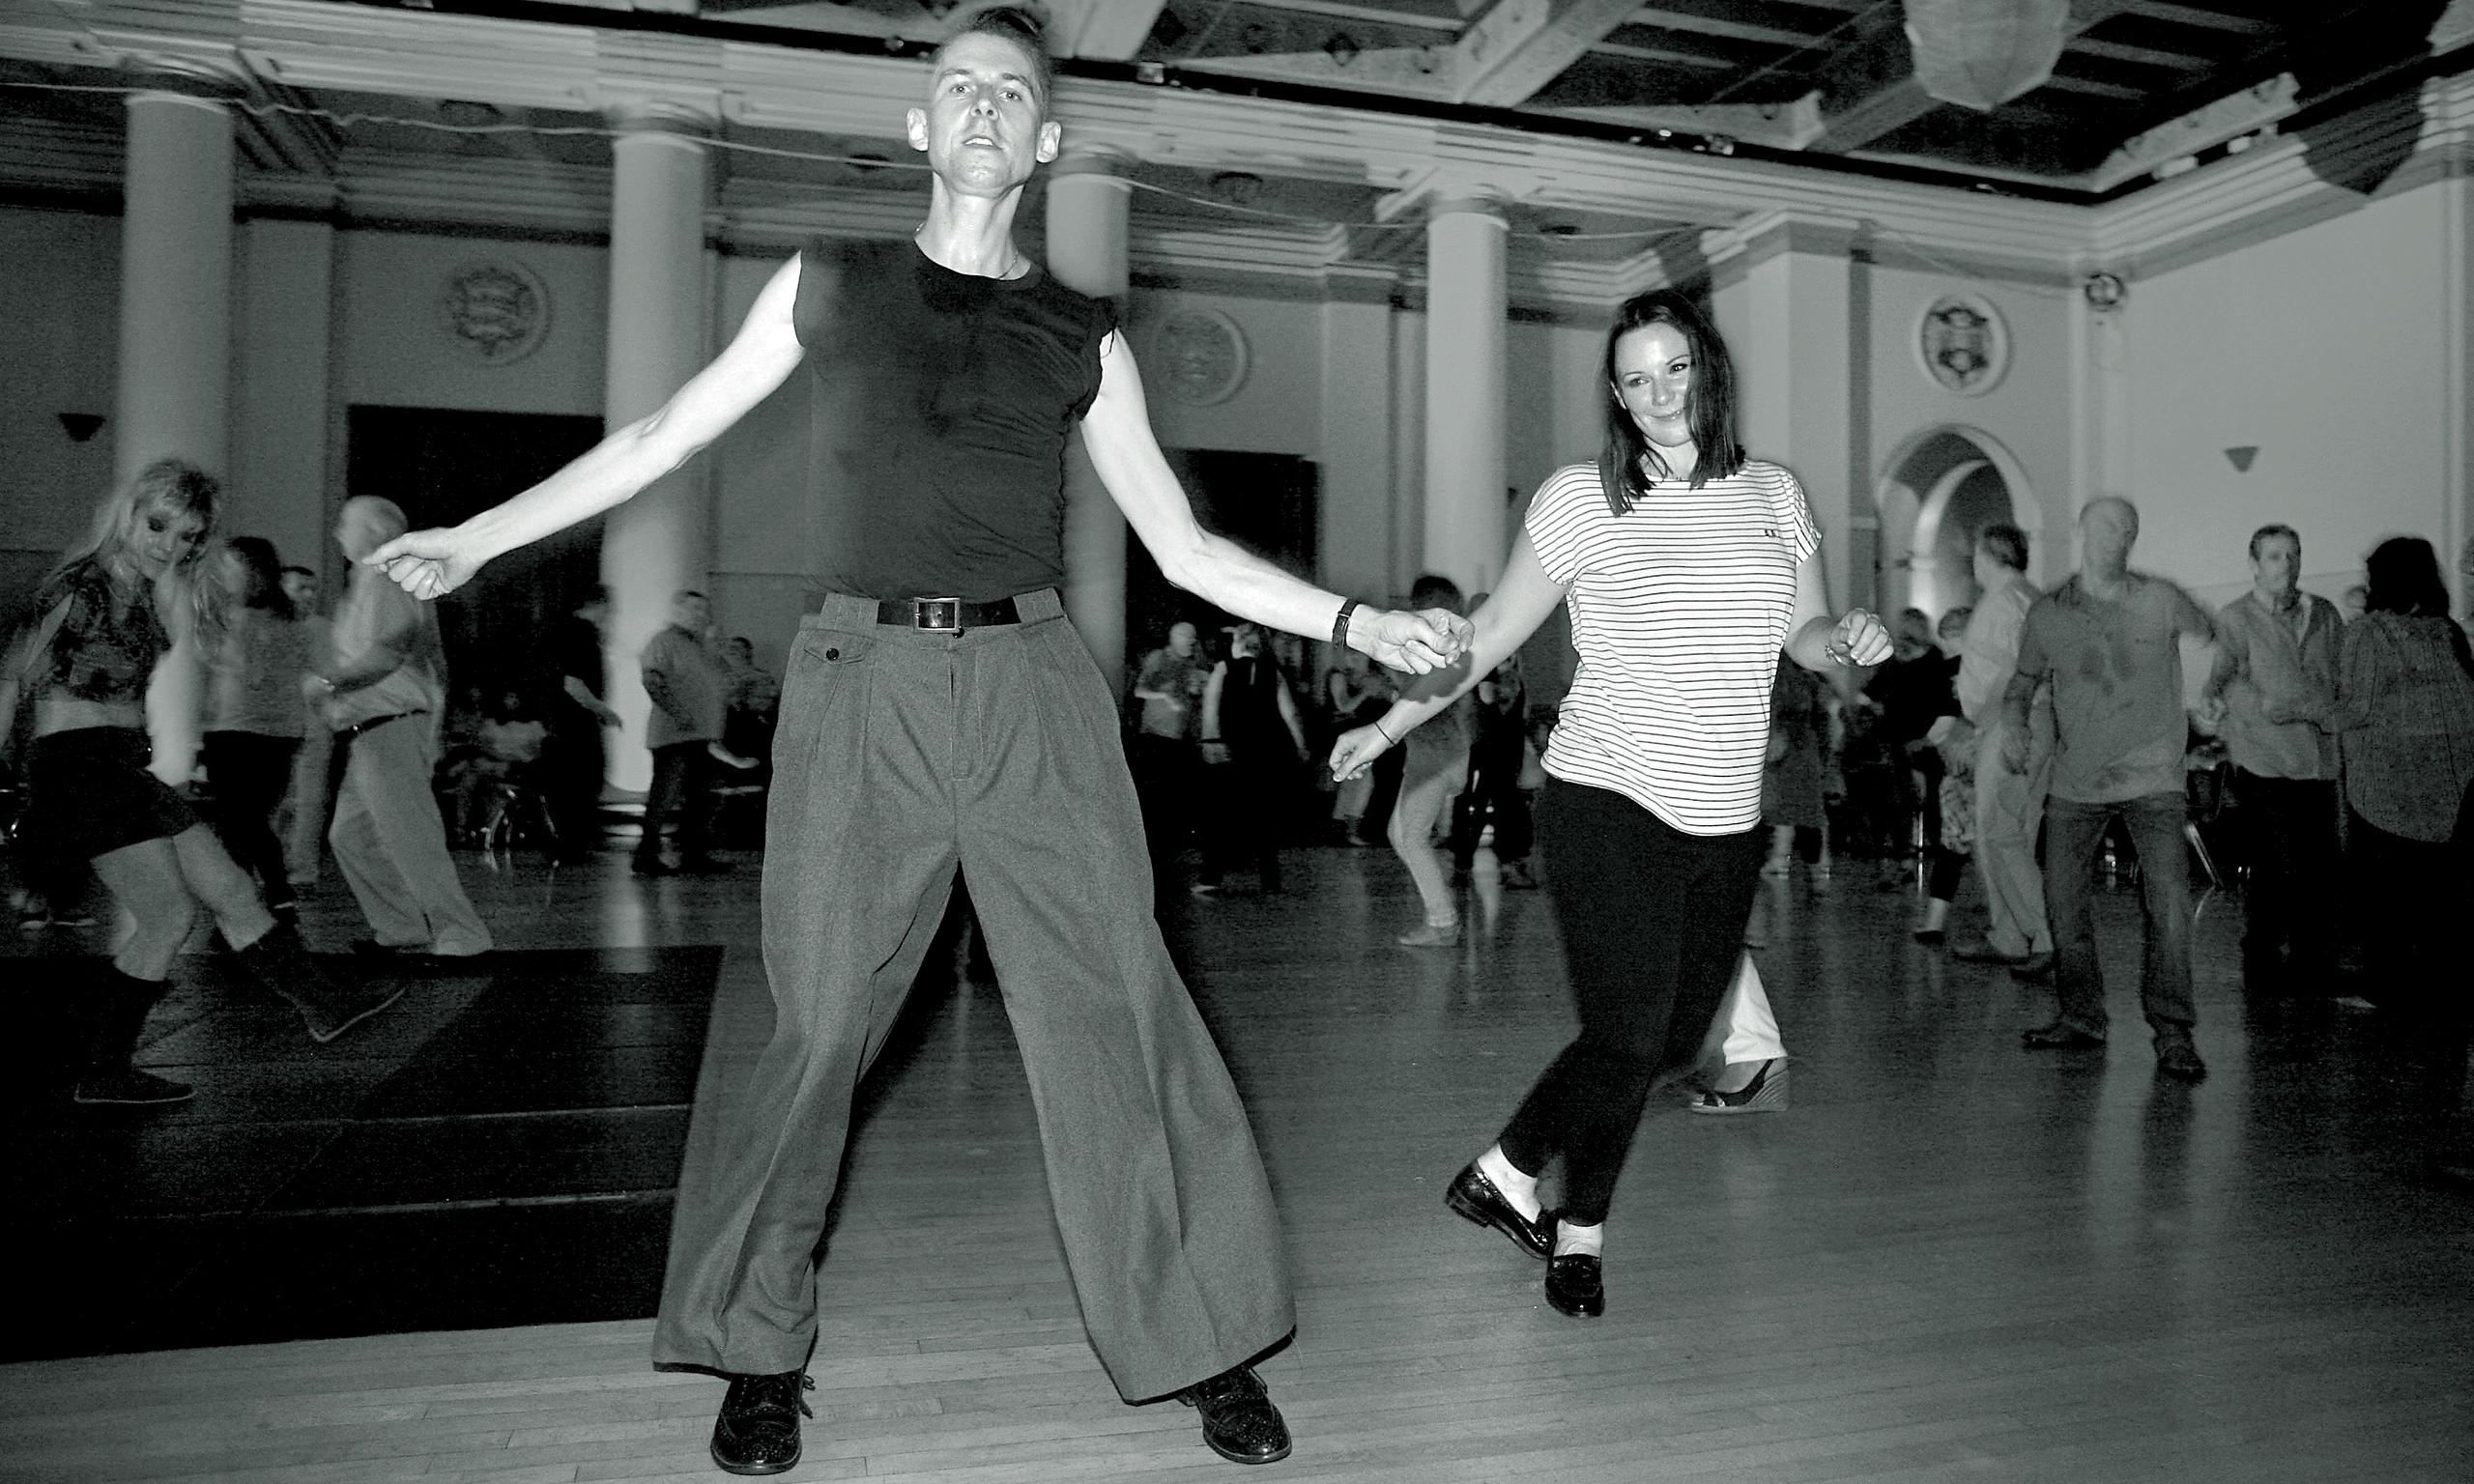 Wigan casino dancing 10